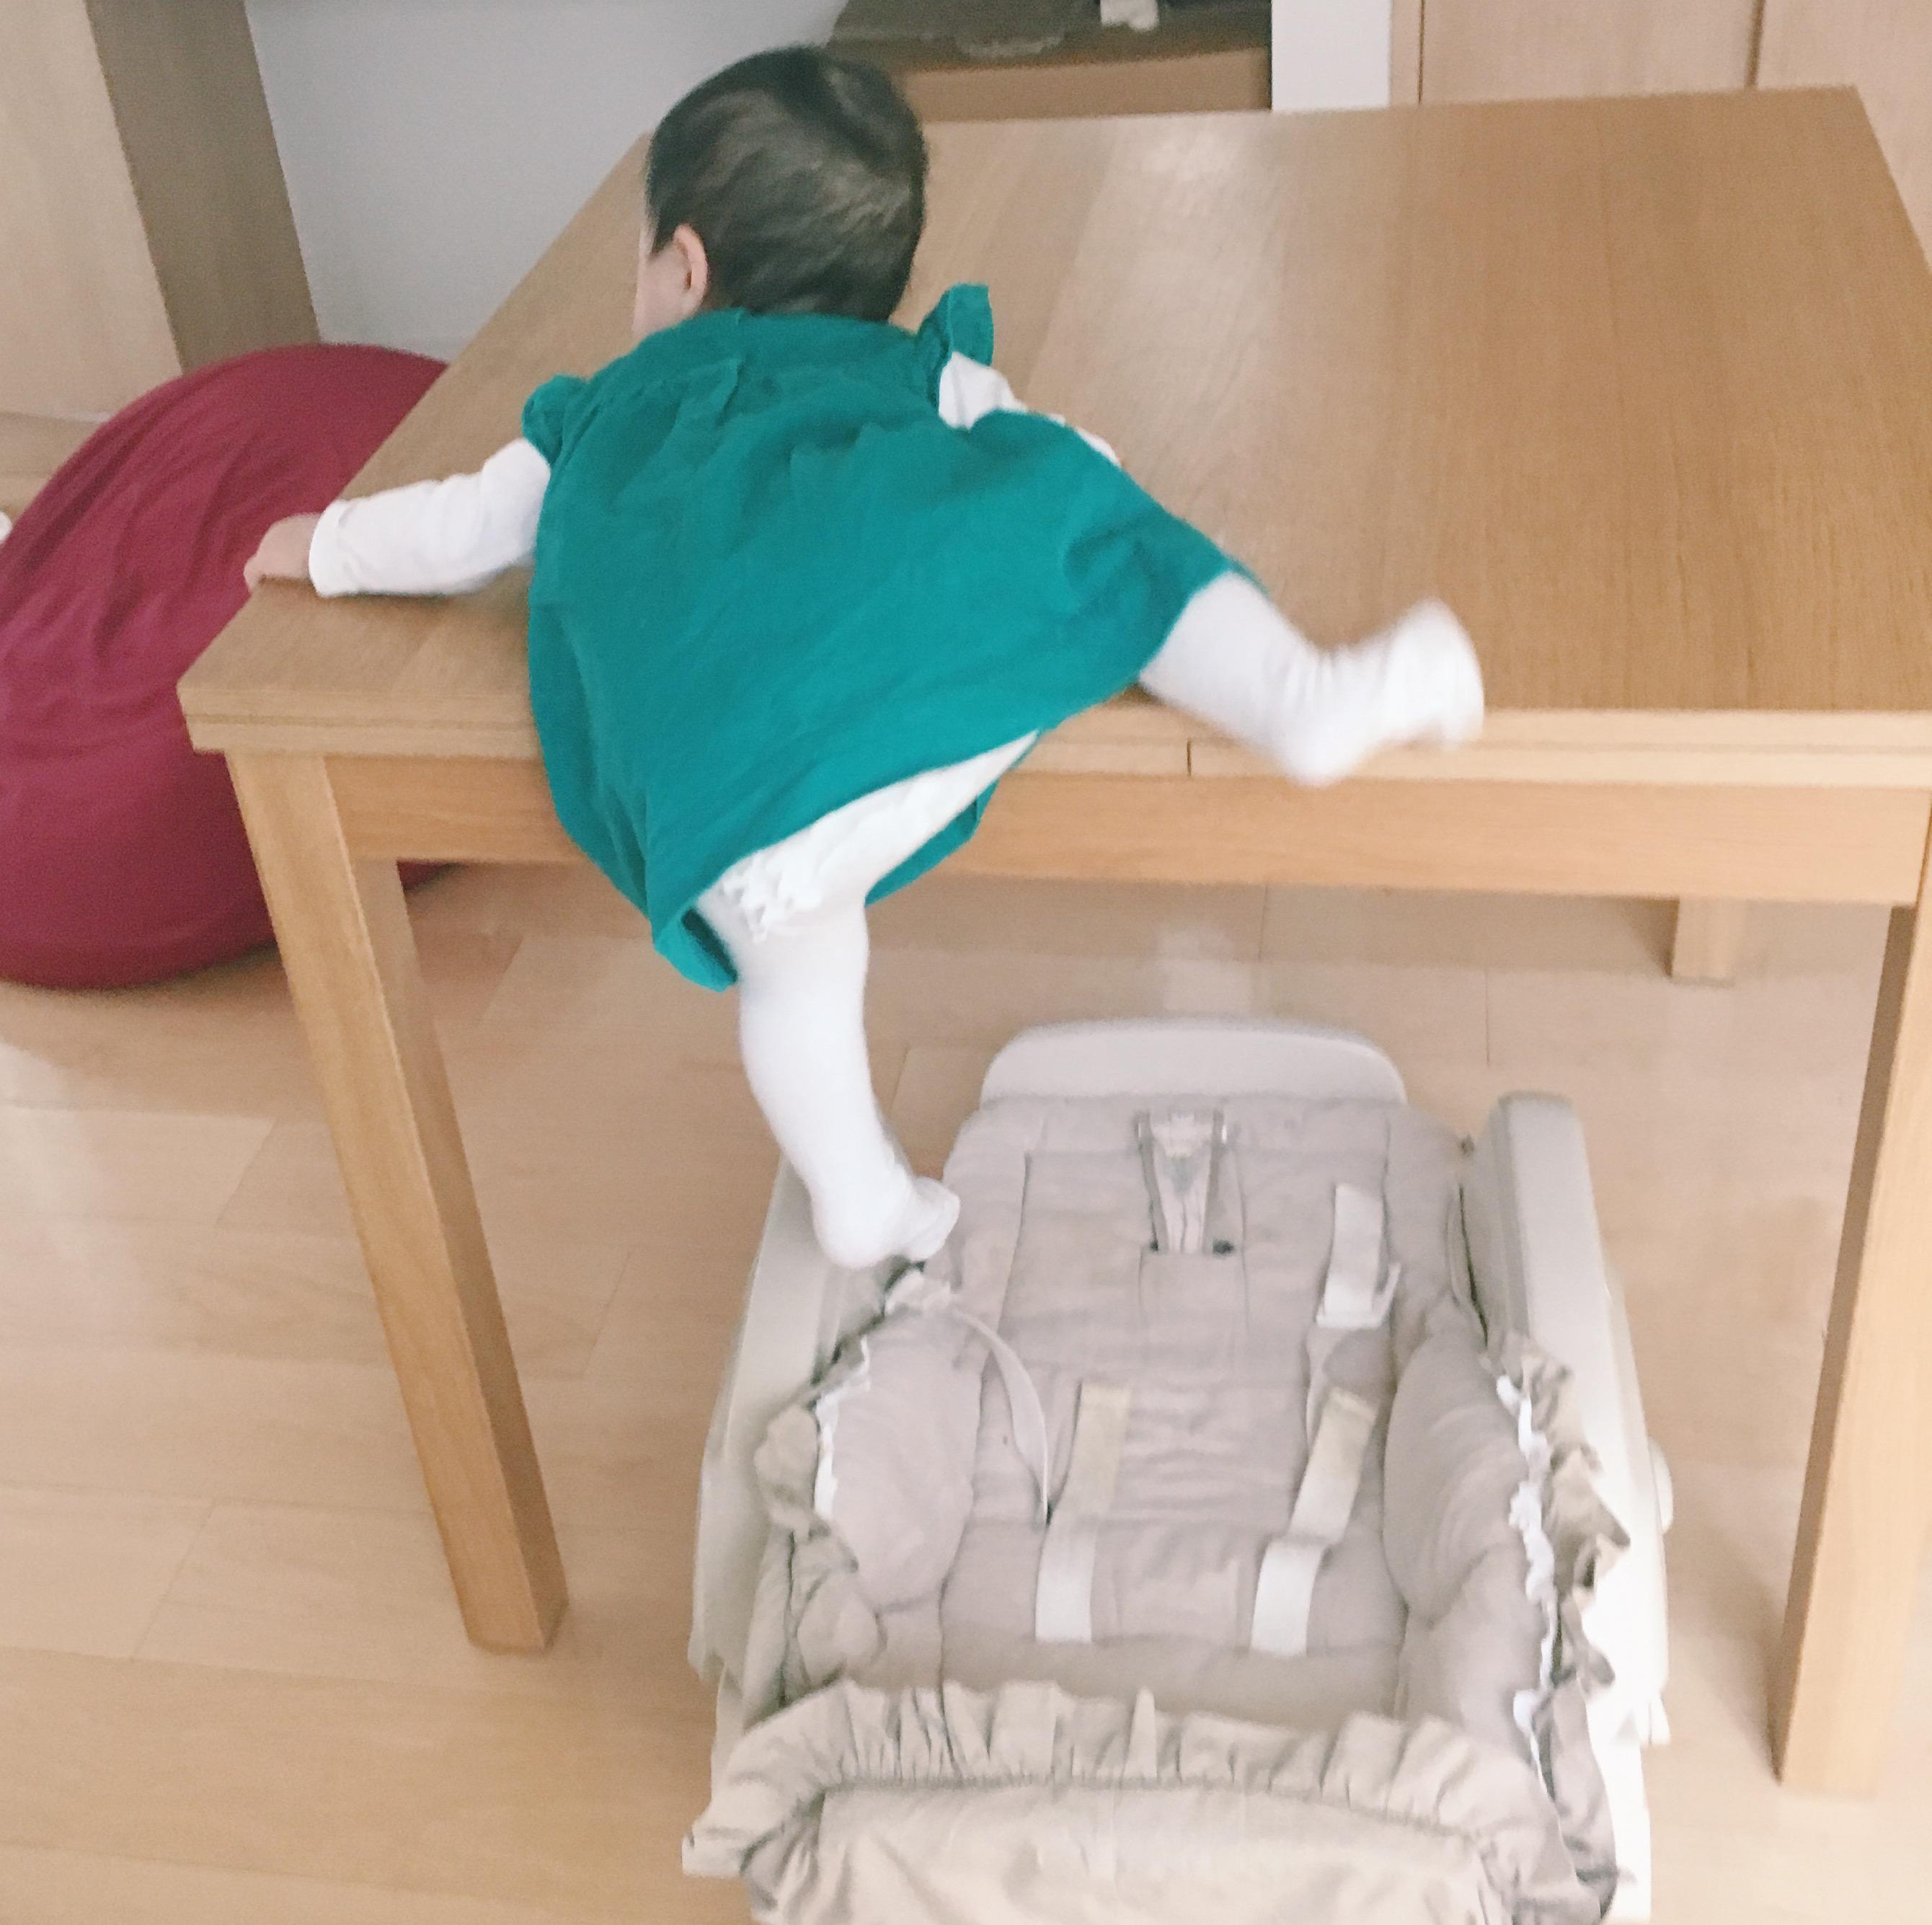 【育休中のタイムテーブル】子どものペースに合わせつつ、家事を先取り